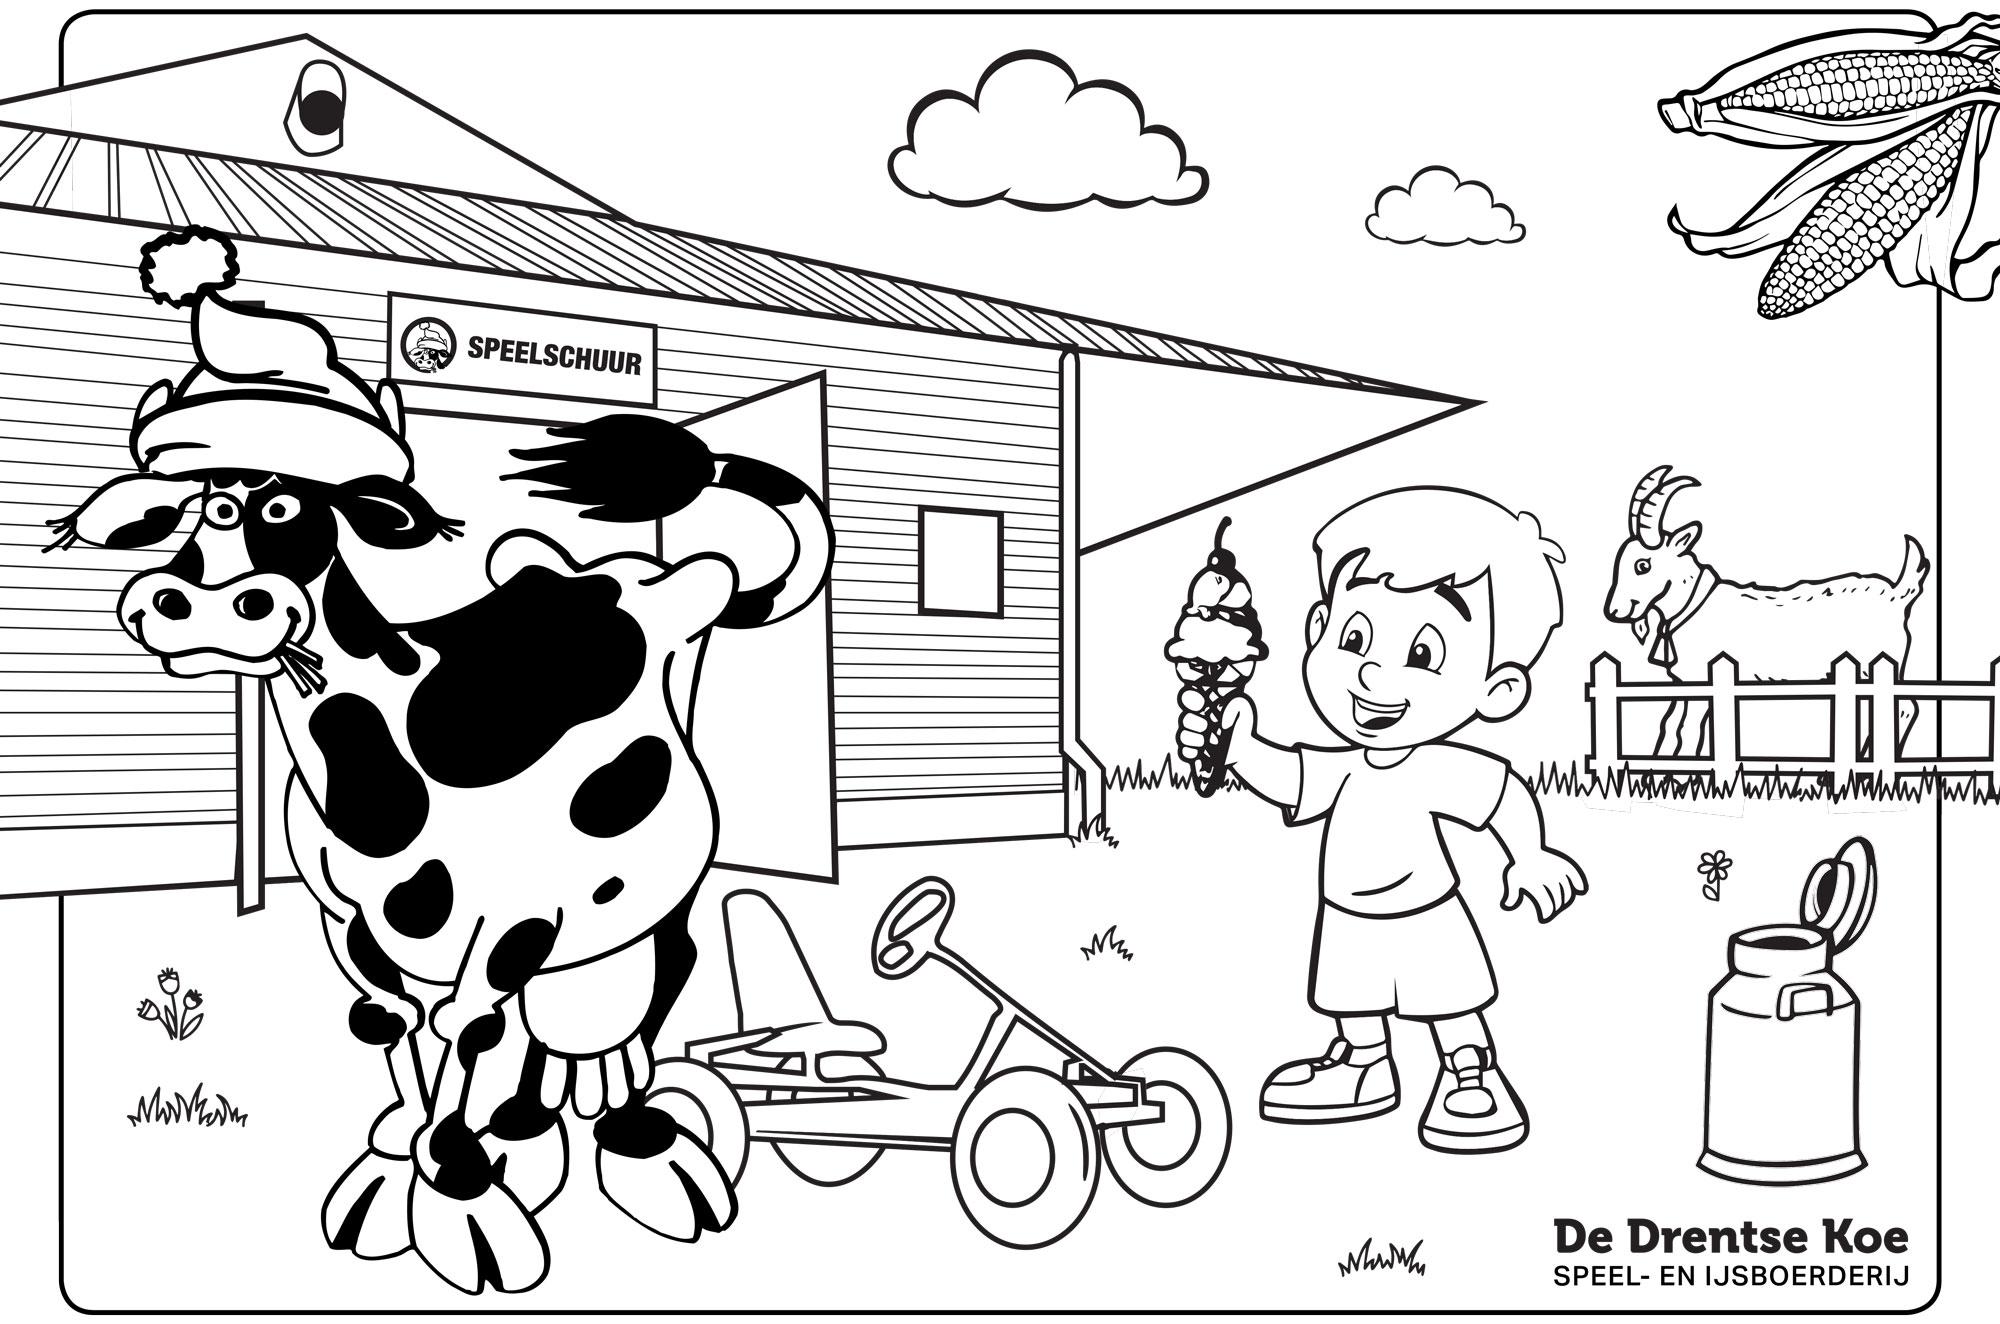 Kleurplaat De Drentse Koe speelschuur